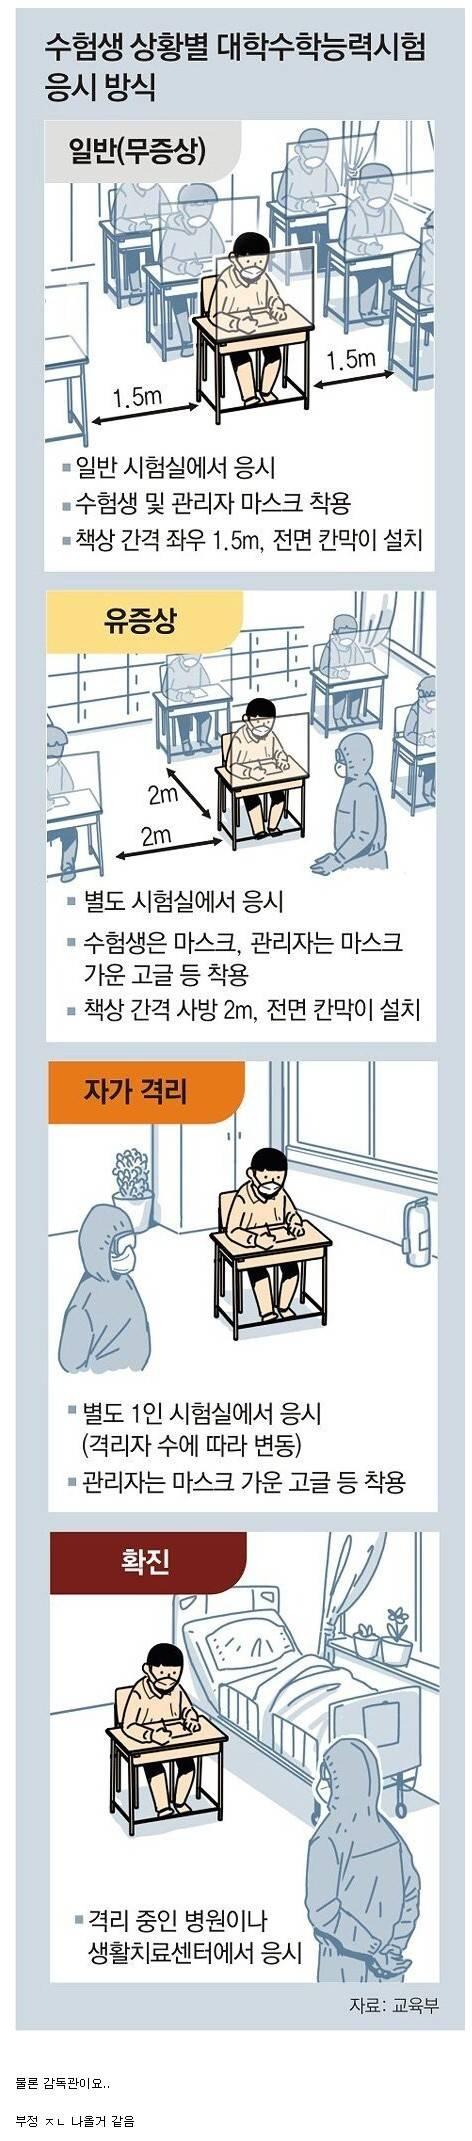 정말 한국은 수능의 나라다   인스티즈